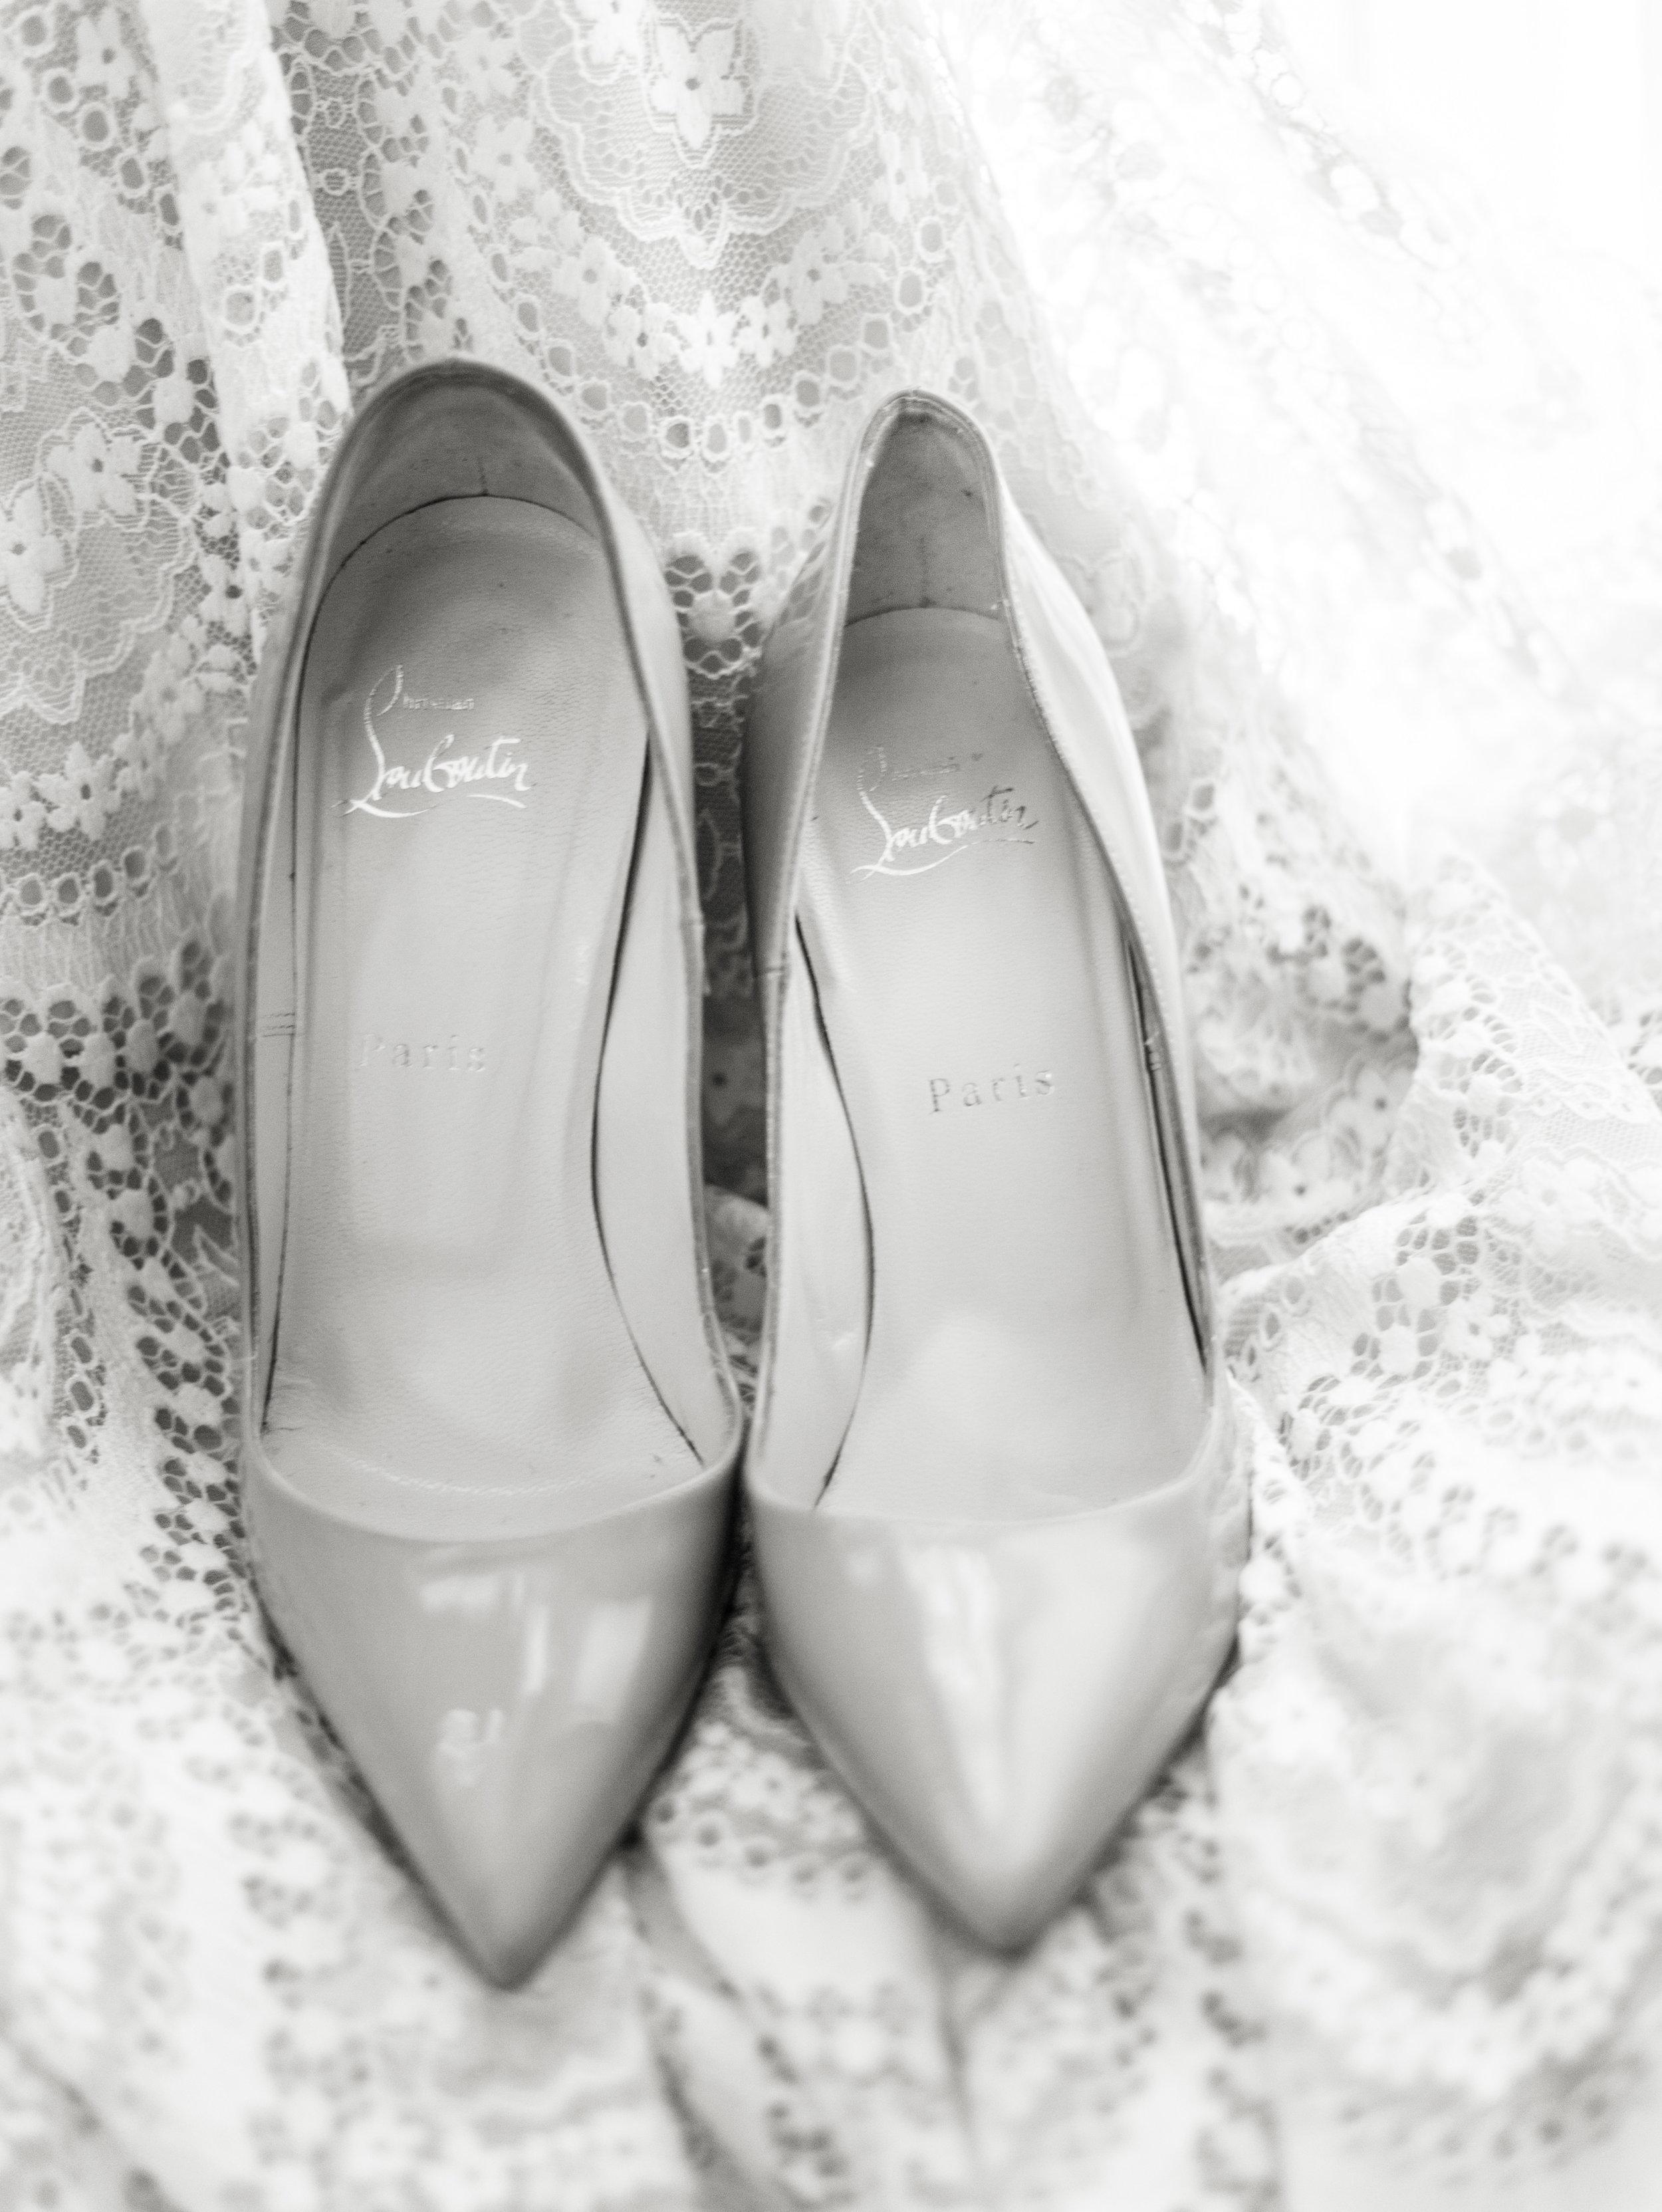 Ashton Creek Vineyard - Louboutin Shoes